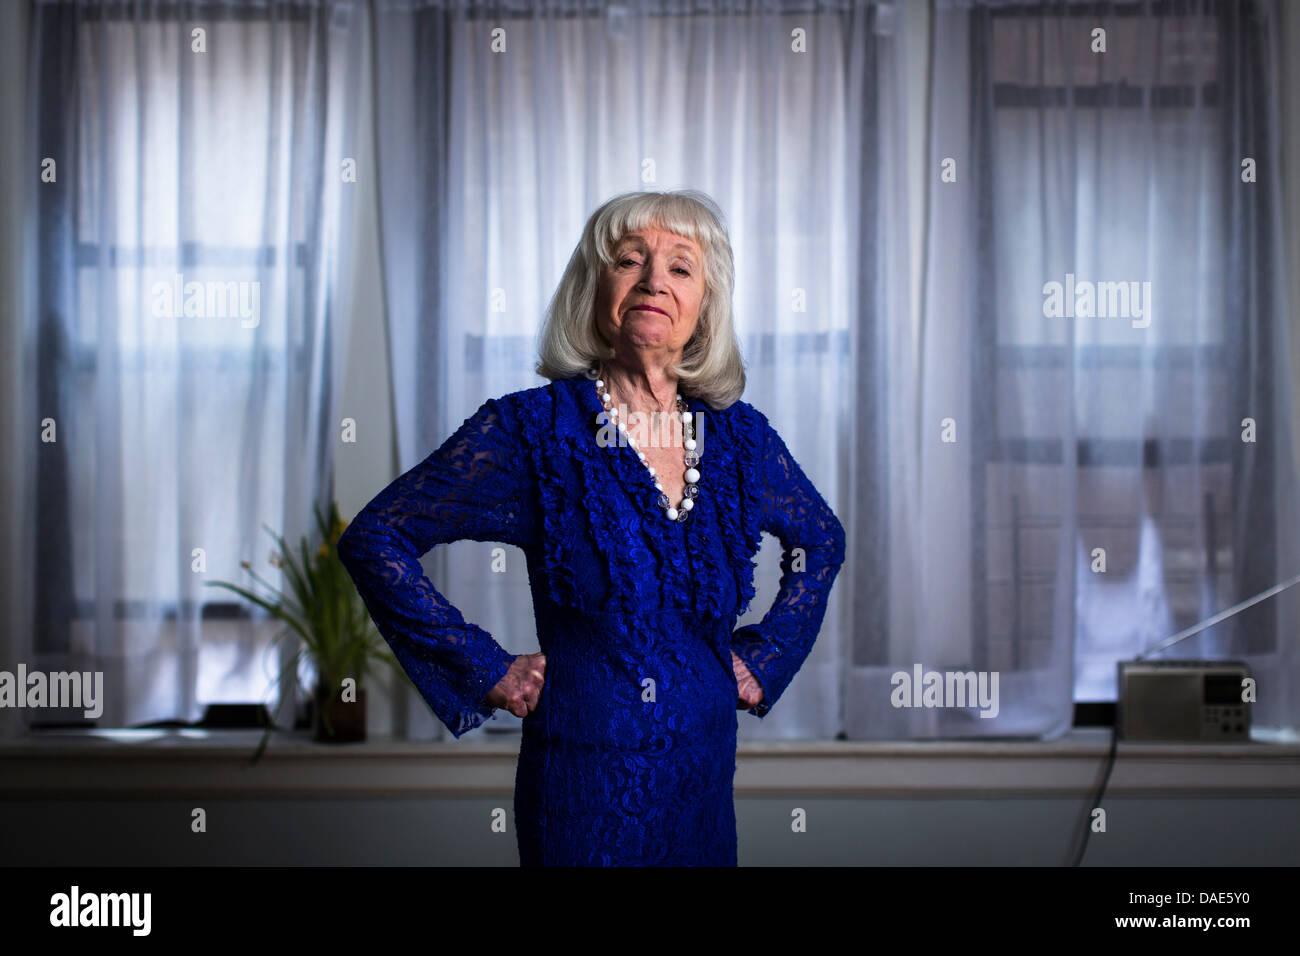 En mujer Senior vestido azul con las manos en las caderas Imagen De Stock